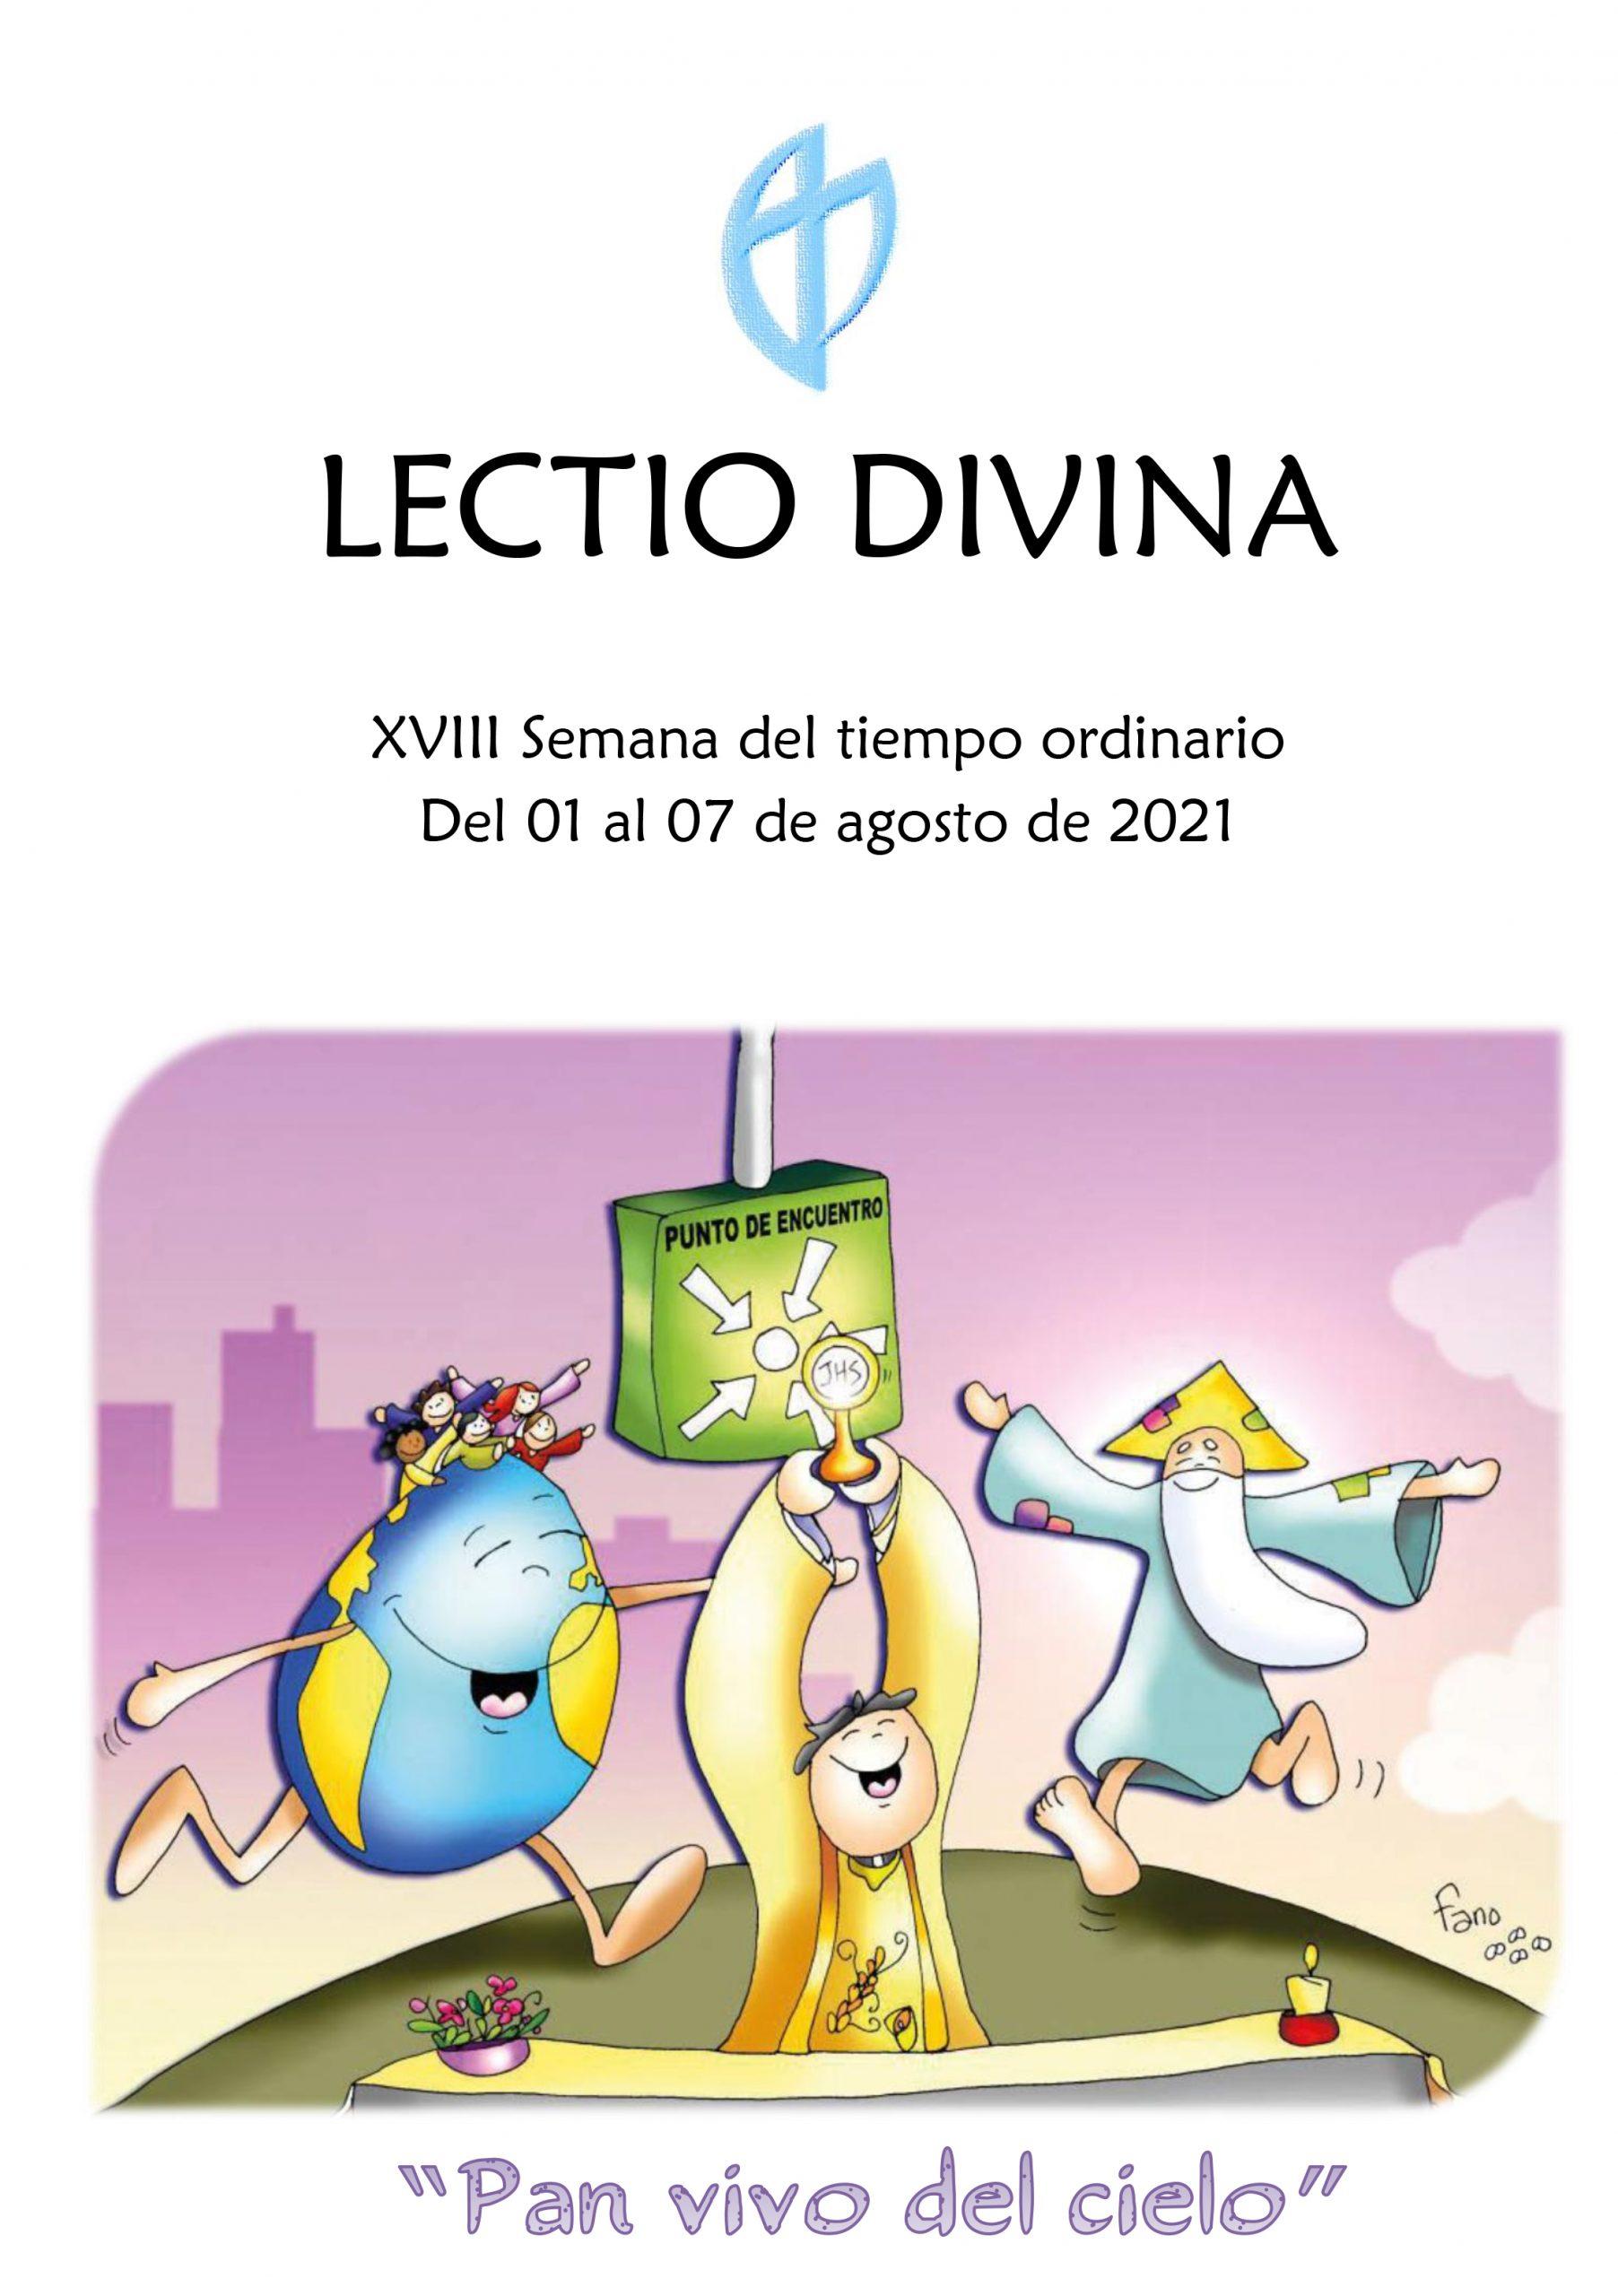 XVIII Semana del tiempo ordinario (del 01 al 07 de agosto de 2021)